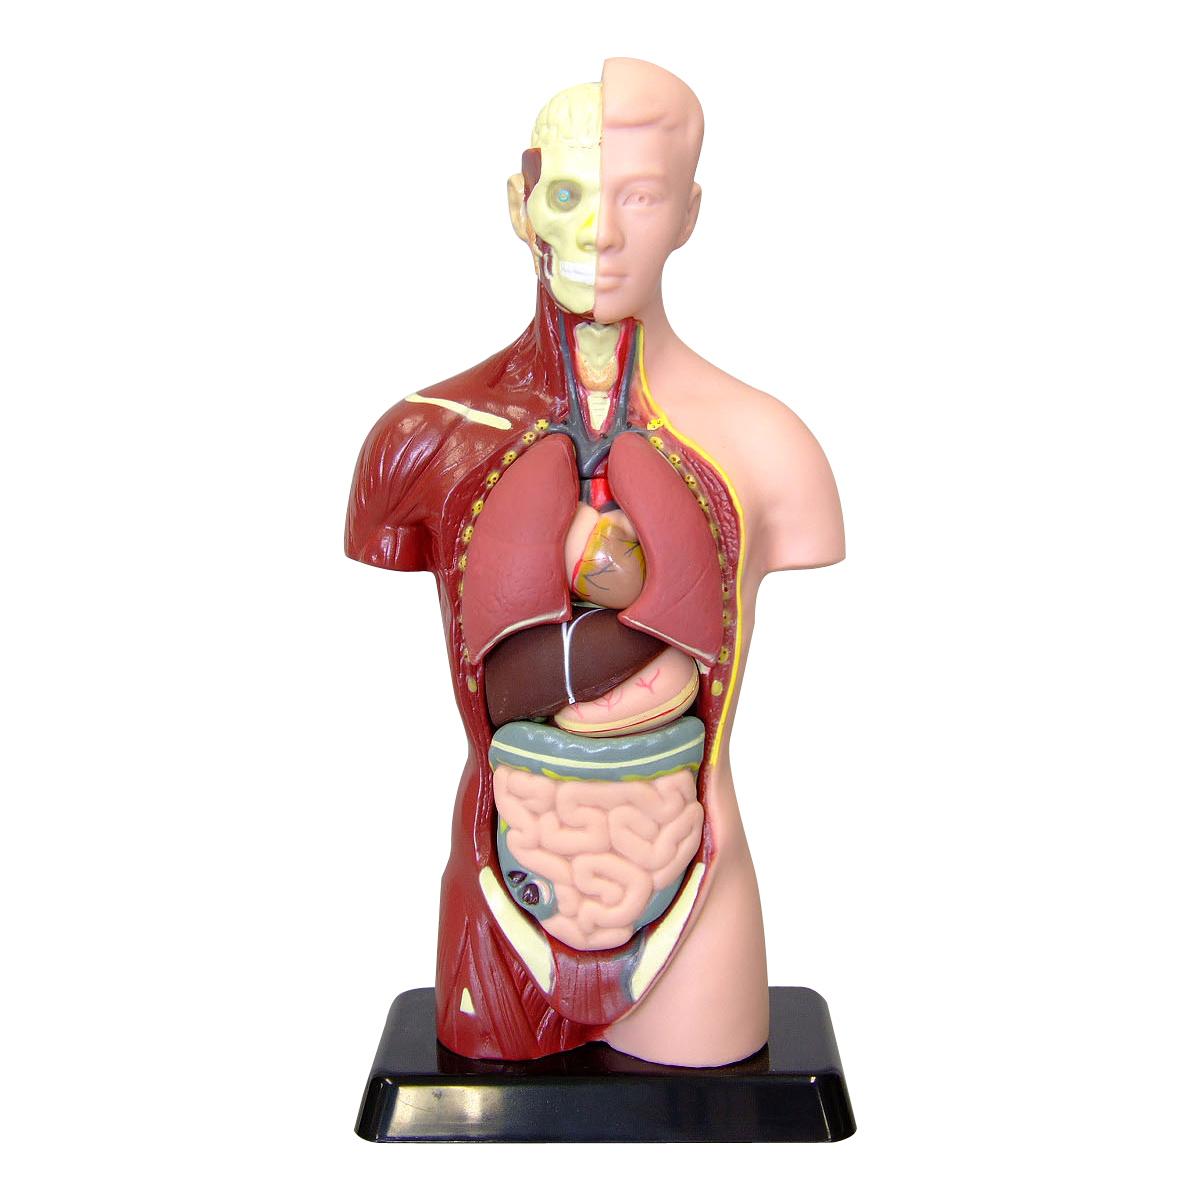 人体模型 27cm 筋肉 骨 内蔵 心臓 肺 胃 肝臓 腸 おもちゃ 人体モデル 全身 体の仕組み 理科 科学 教材 ミニ クリスマスプレゼント